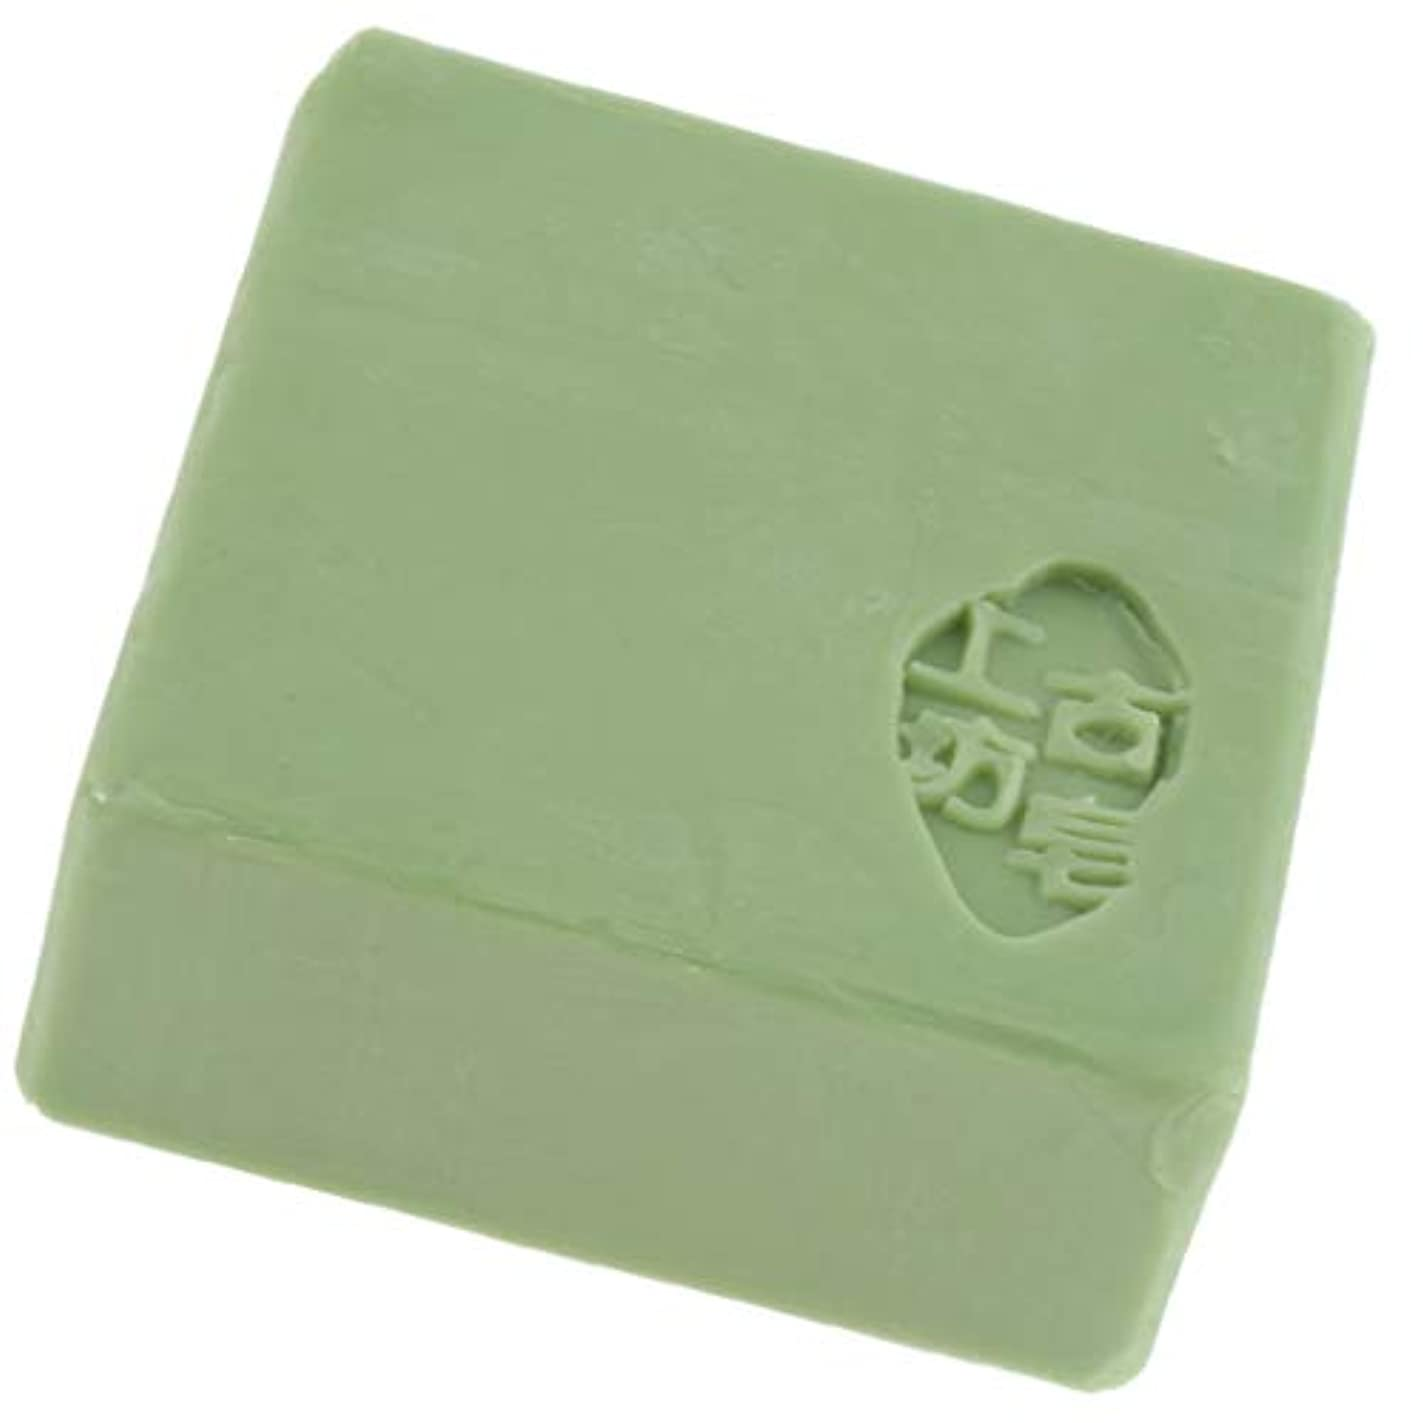 有名人居住者スーパーBaoblaze バス スキンケア フェイス ボディソープ 石鹸 保湿 好意 全3色 - 緑